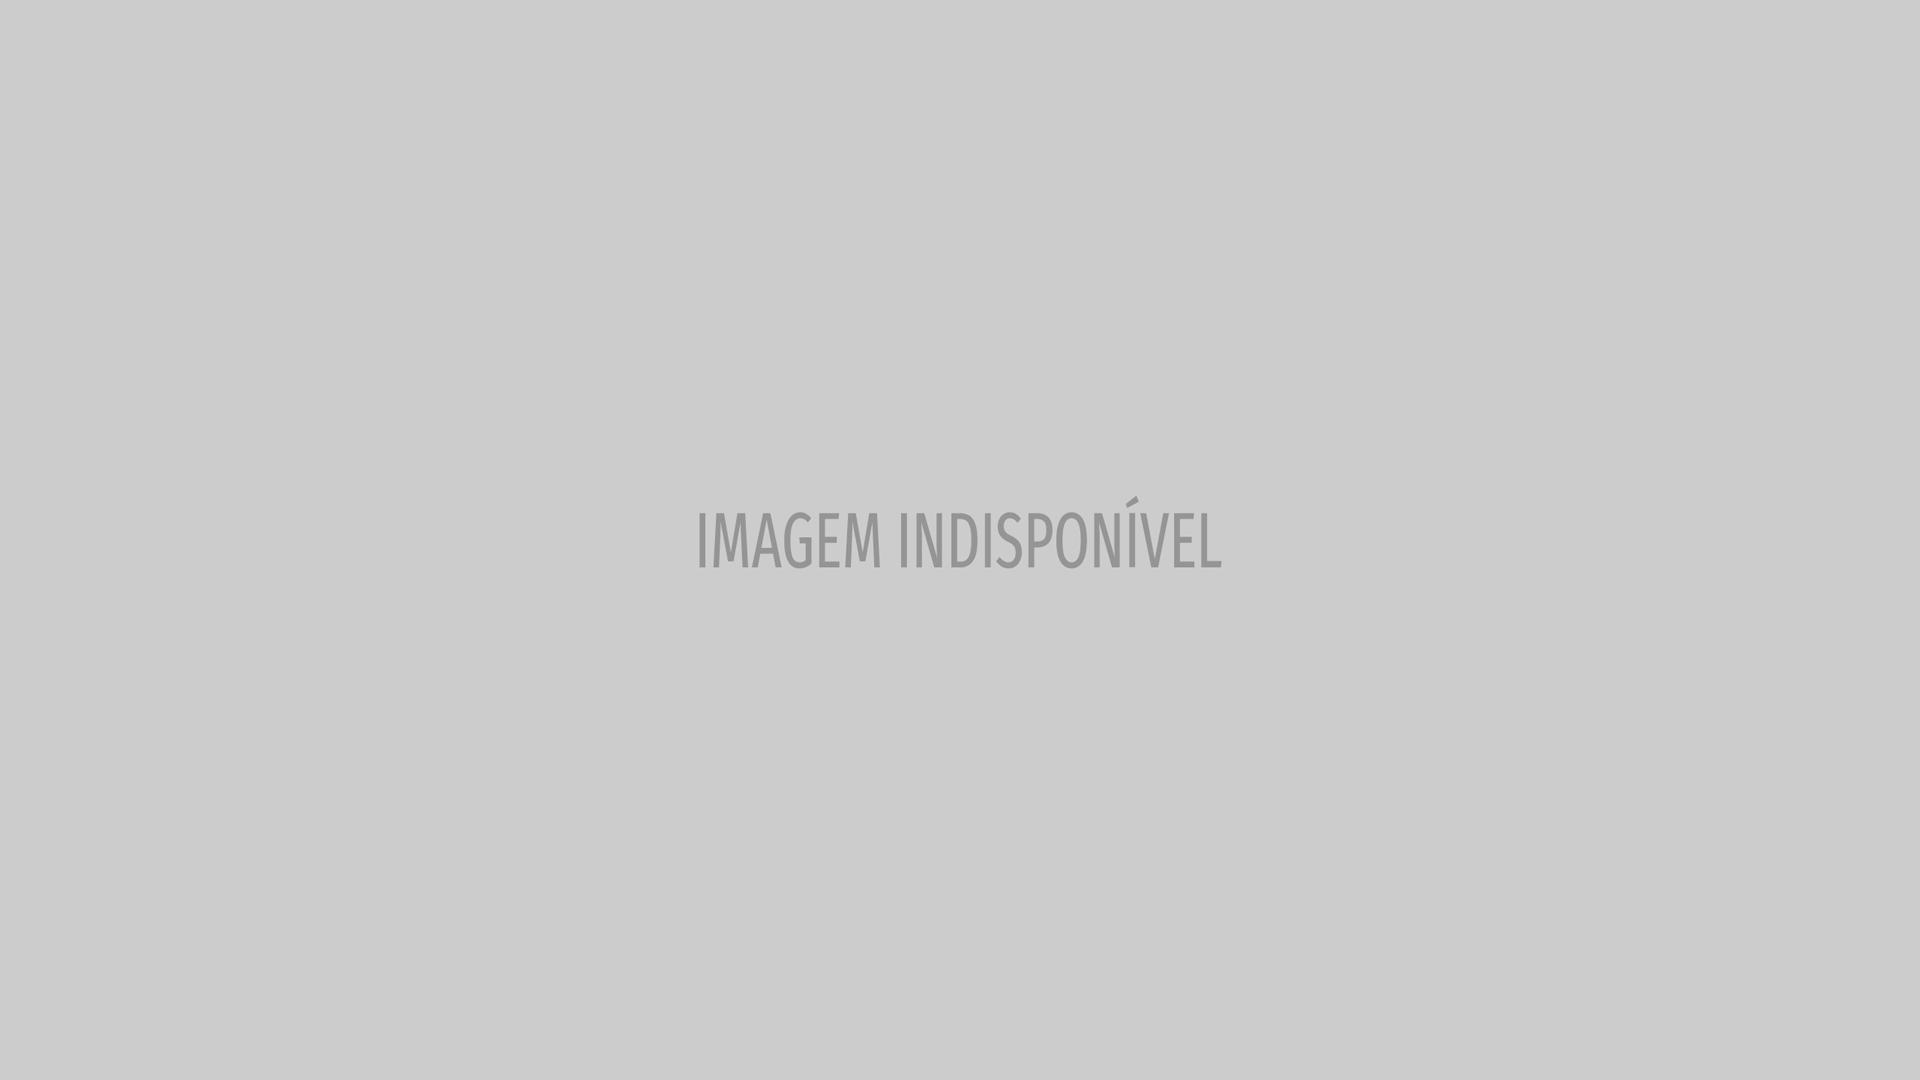 Adele gasta milhões em mansão para viver em frente à casa do ex-marido